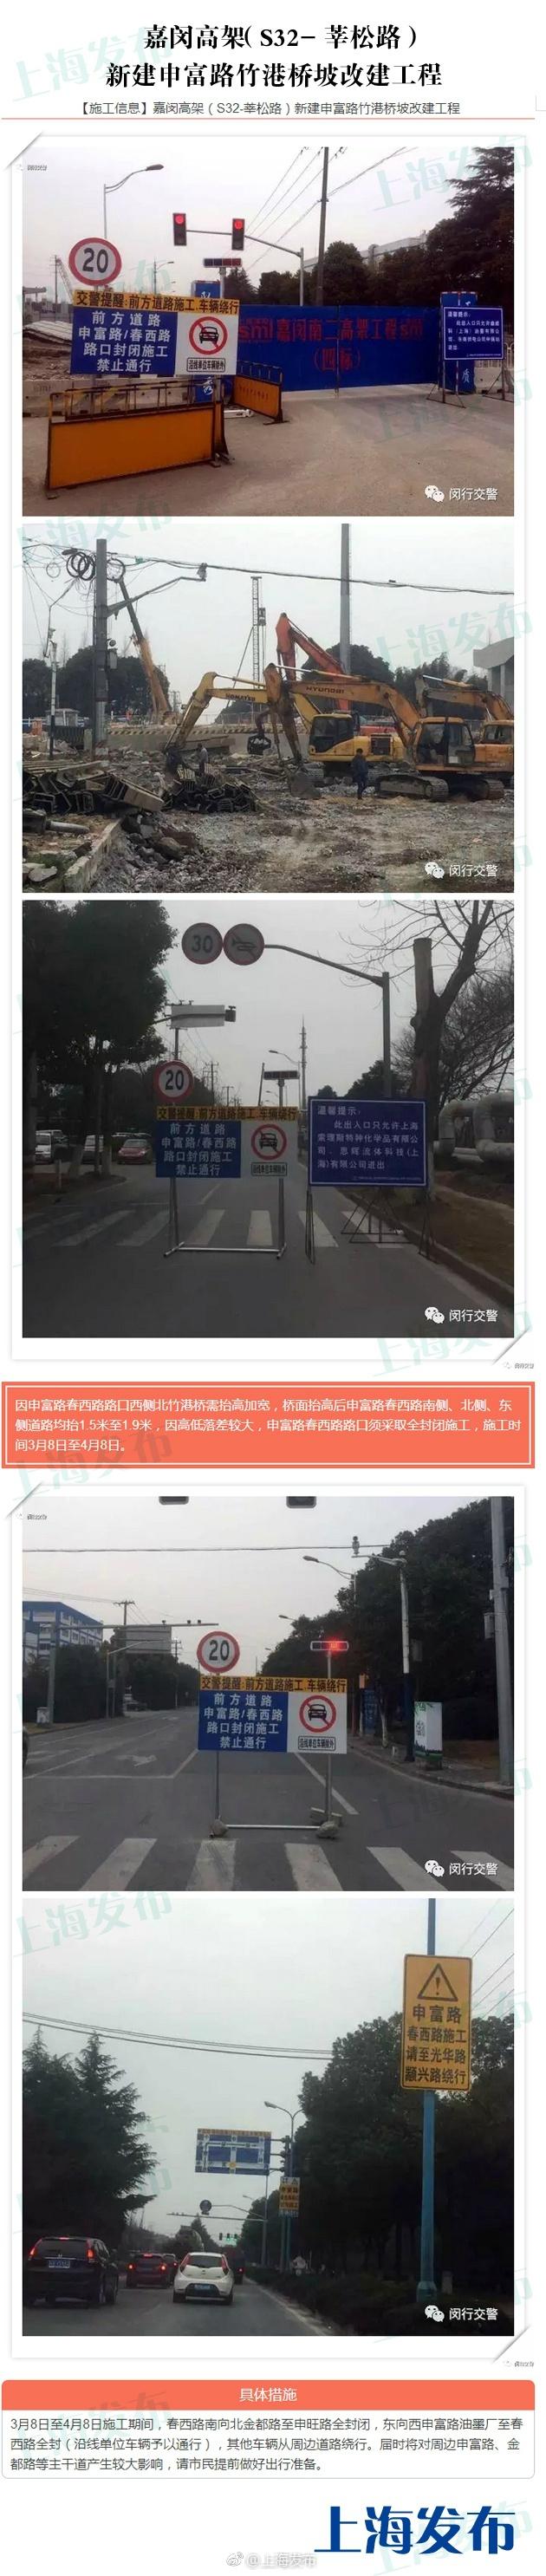 出行提醒:沪嘉闵高架申富路竹港桥坡改建中 周边道路调整